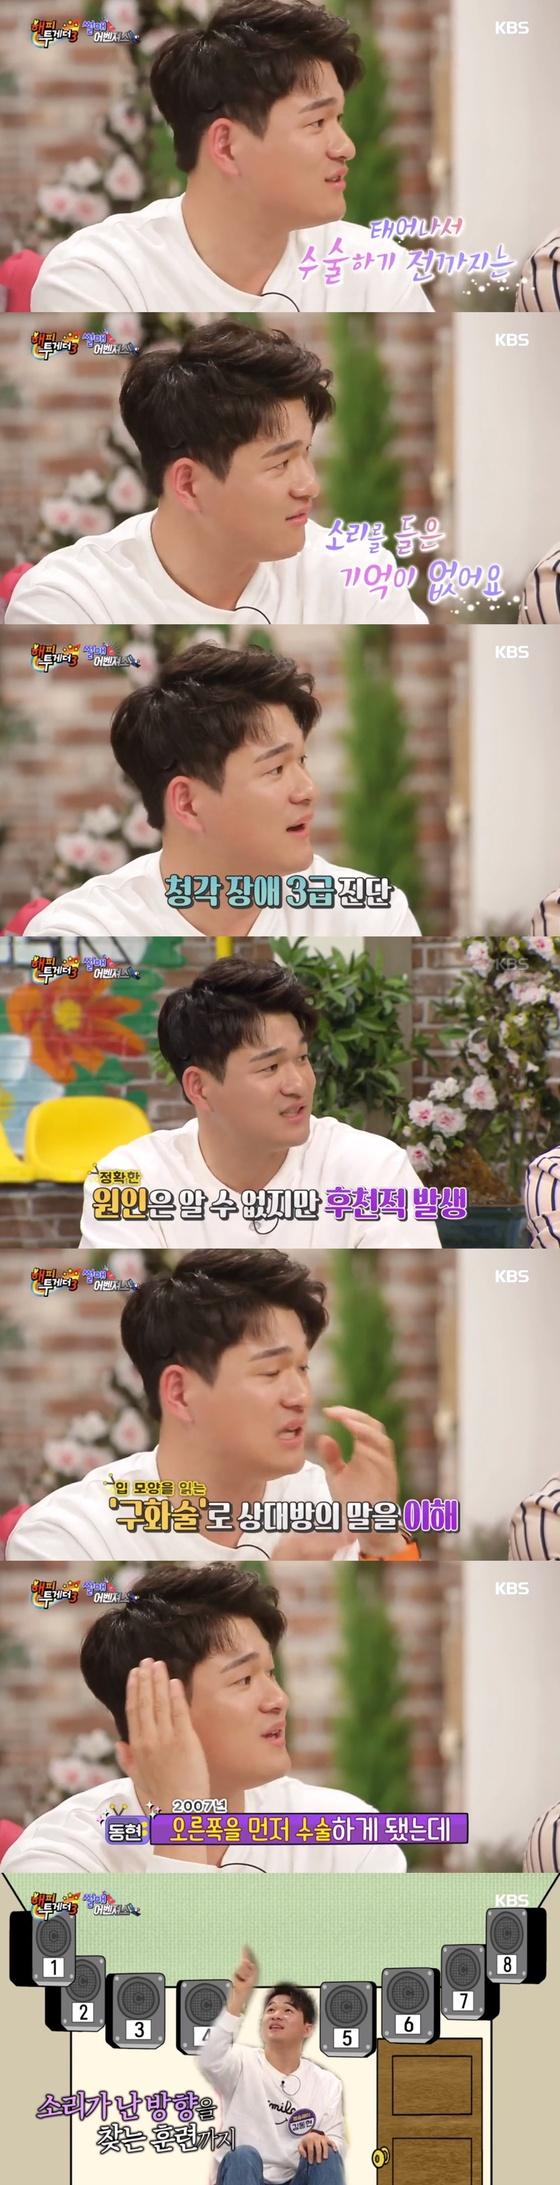 """김동현 청각장애 고백 """"수술 전, 전혀 안 들려 구화술로 대화"""""""